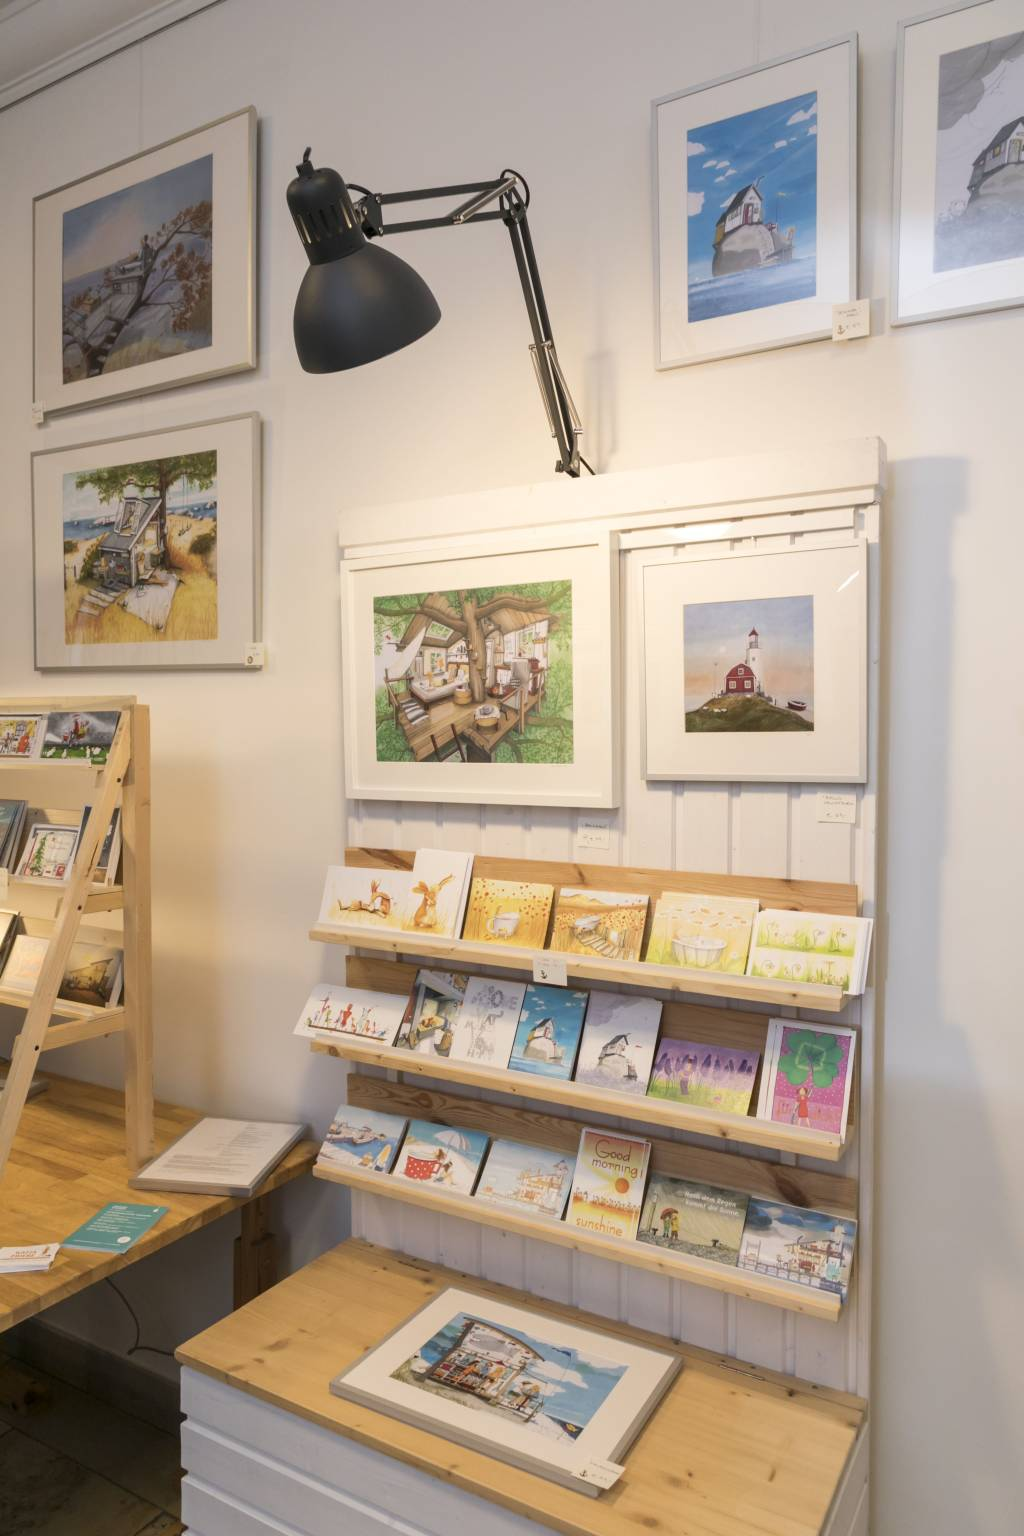 Bilder-Ausstellung von Katja Priebe